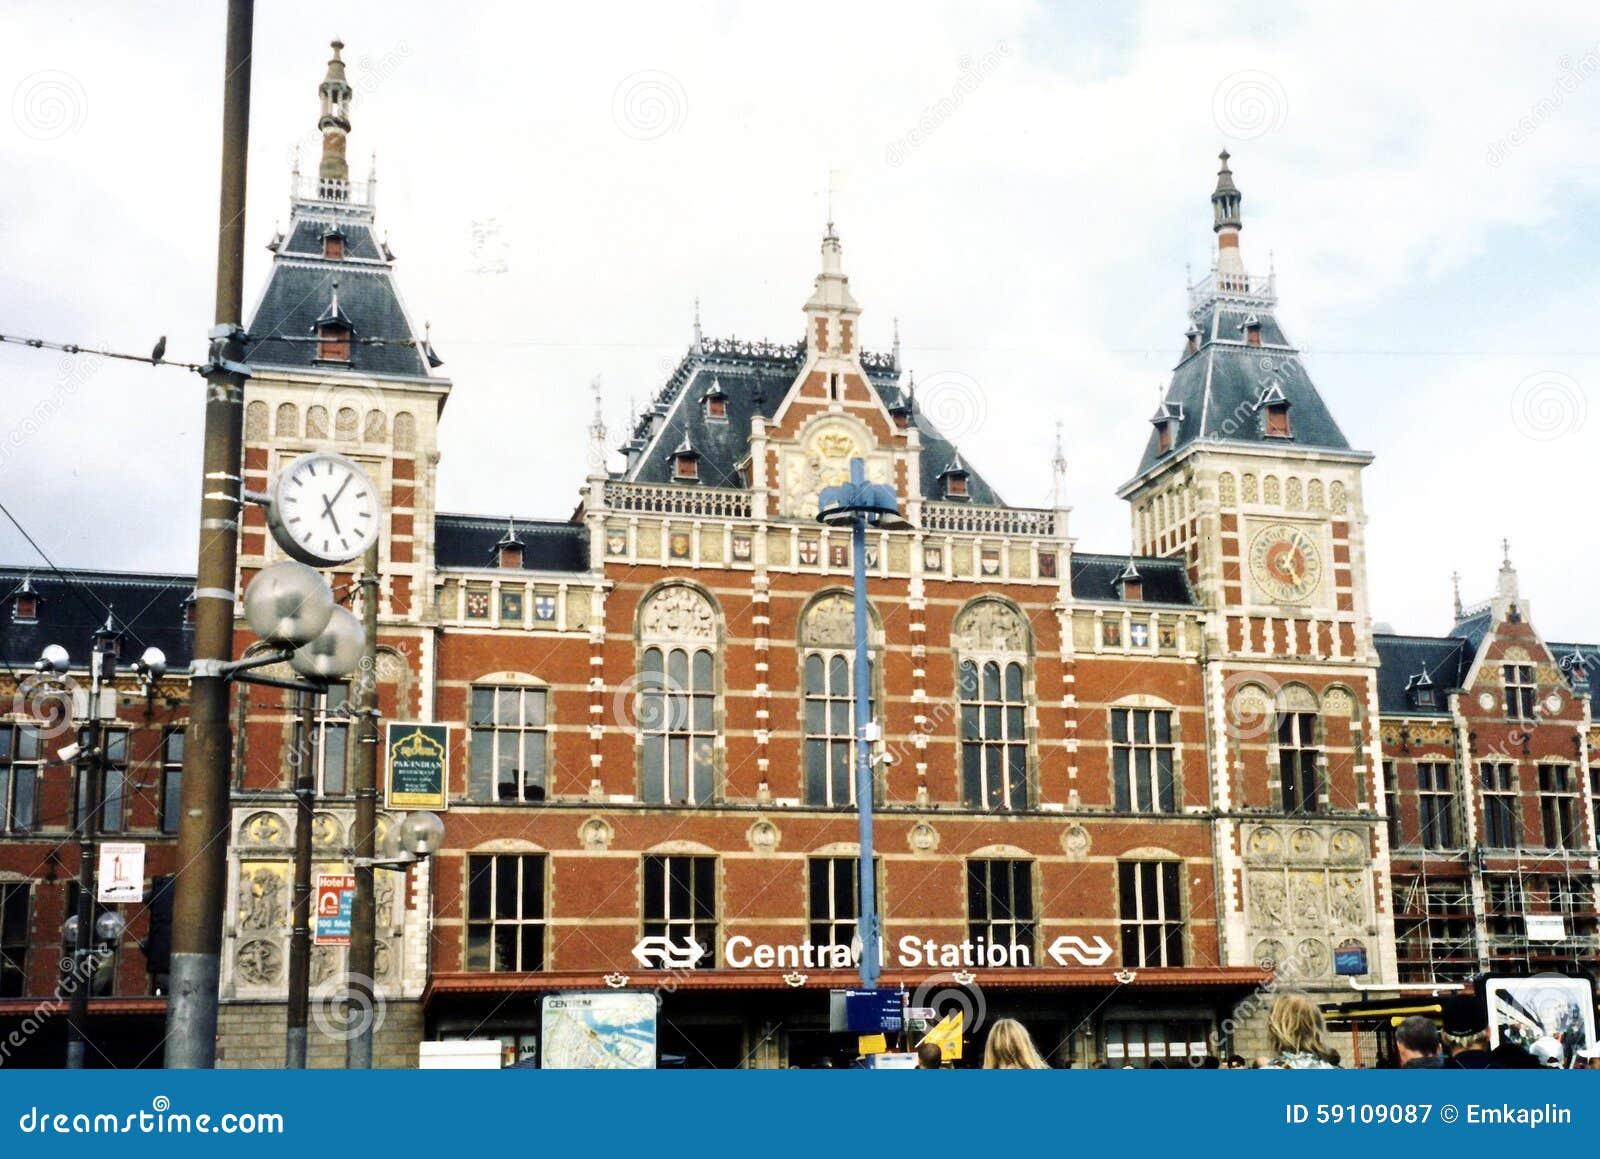 阿姆斯特丹中央铁路2002年